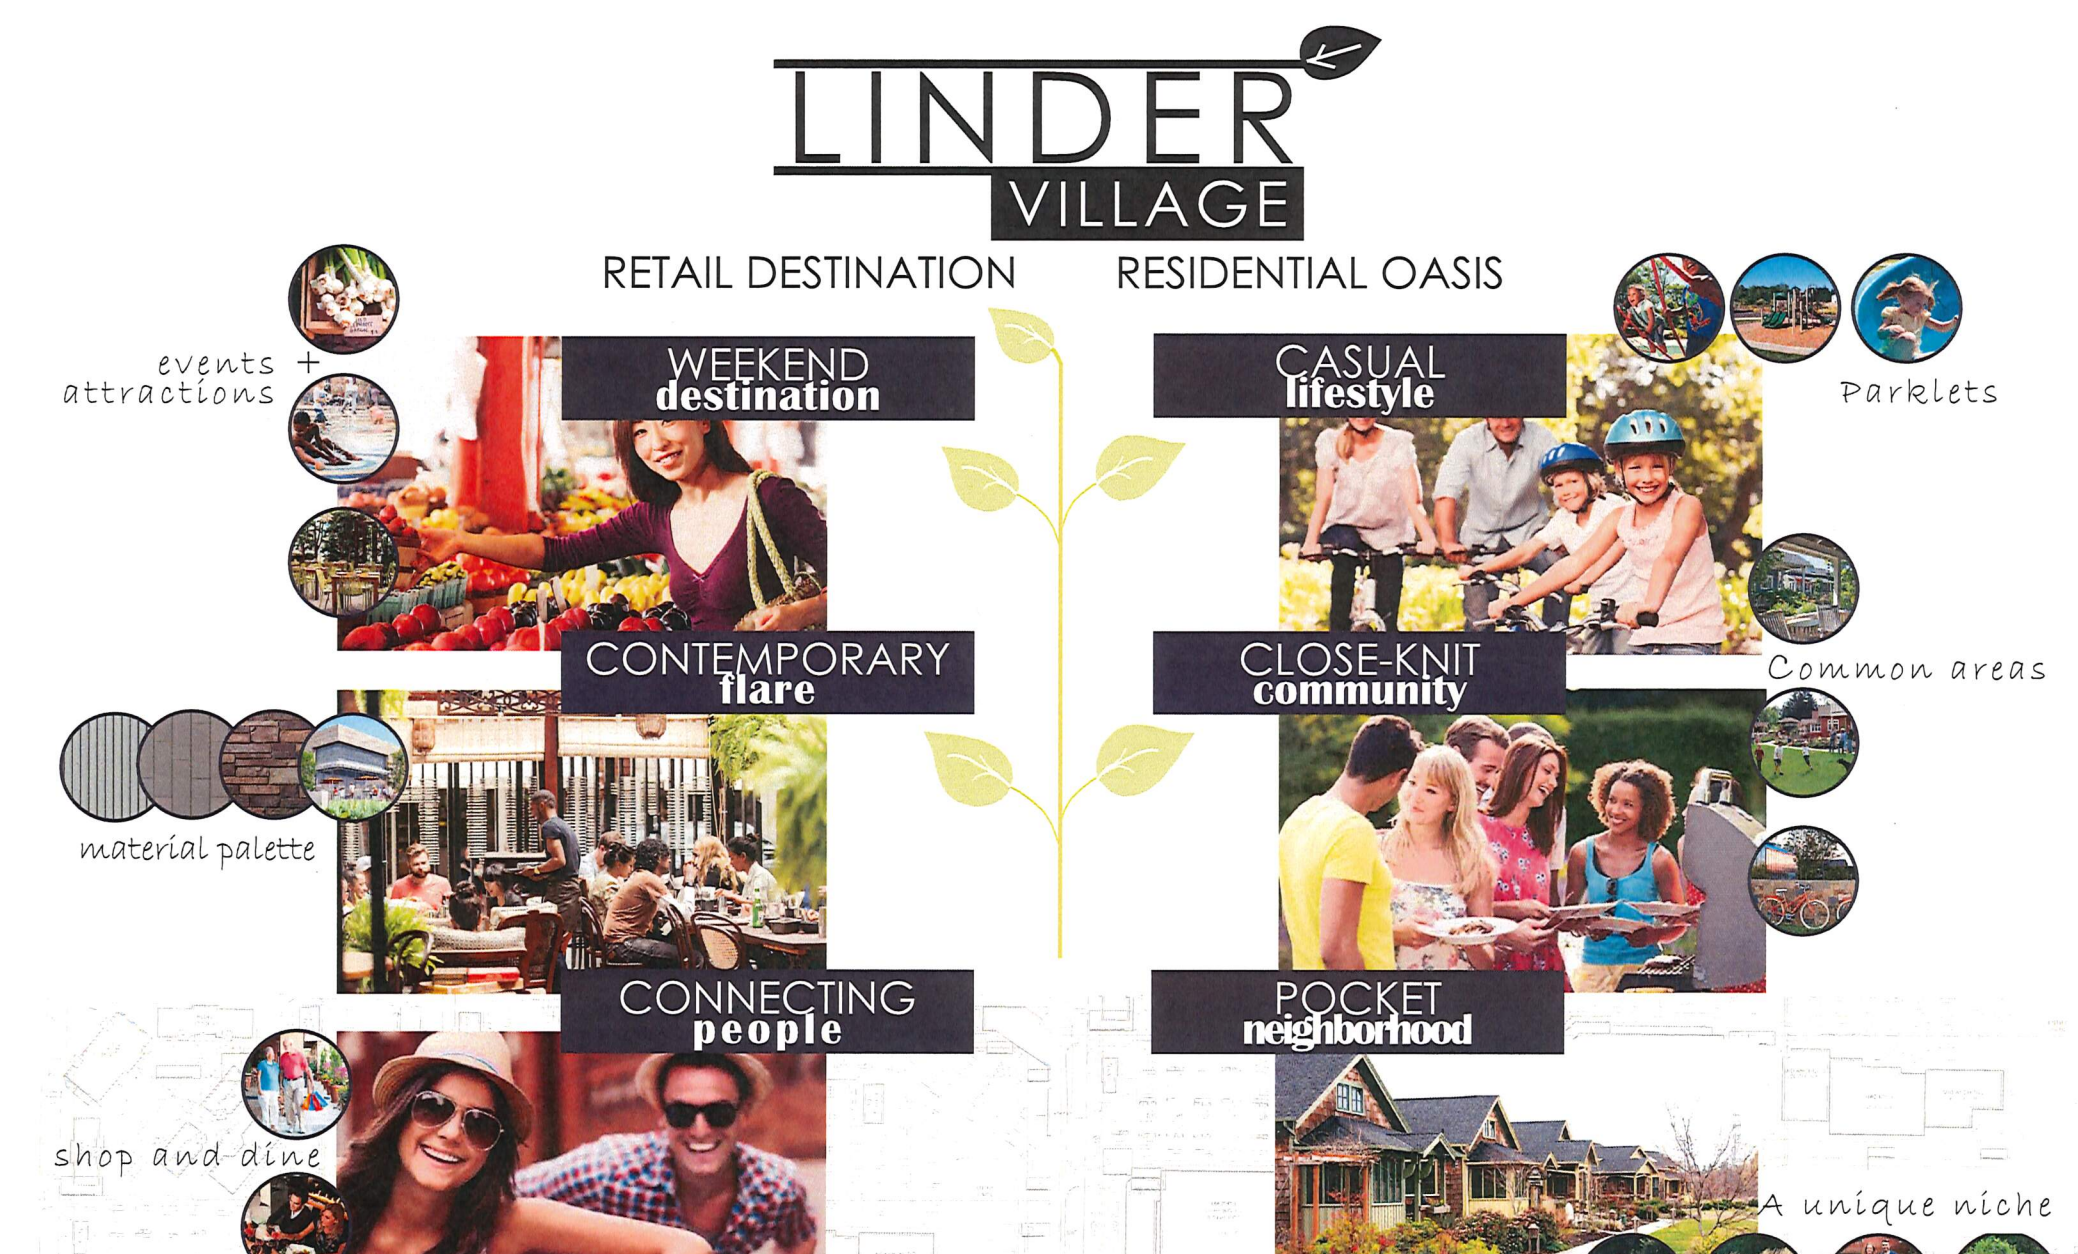 Linder Village flier